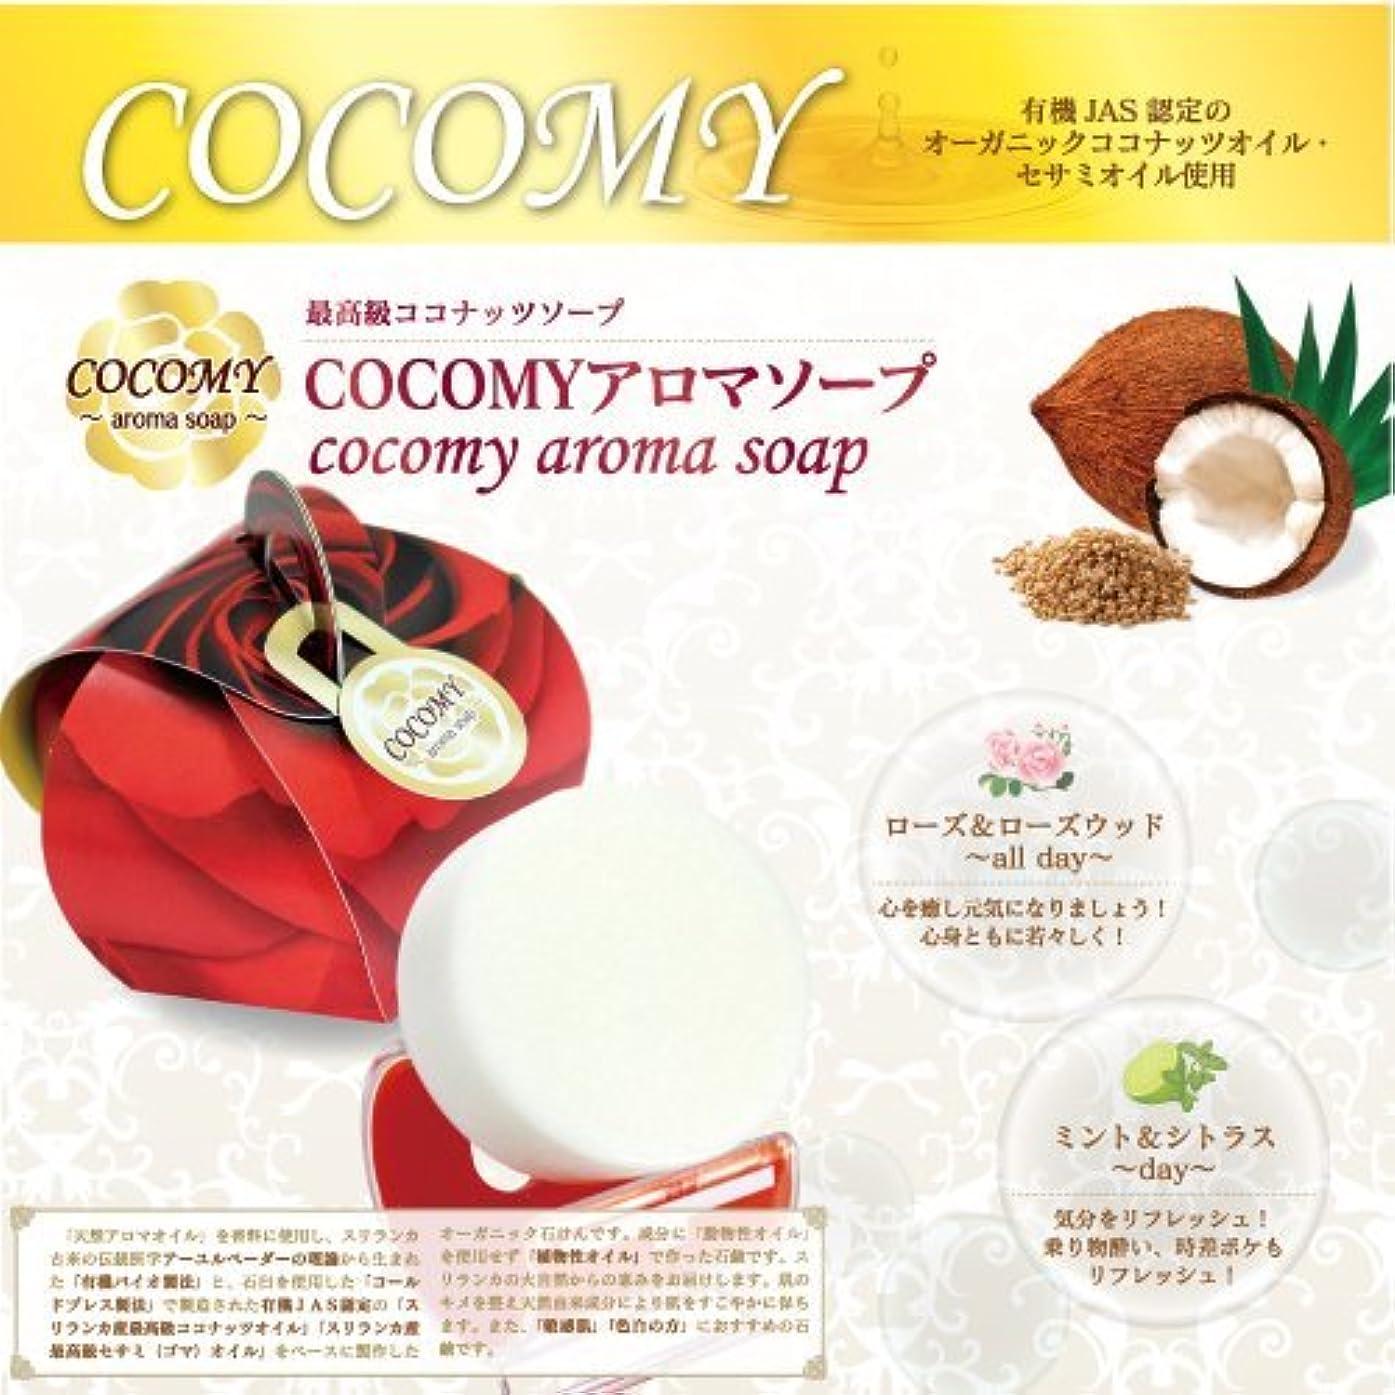 断線ツール引き付けるCOCOMY aromaソープ 2個セット (ミント&シトラス)(ローズ&ローズウッド) 40g×各1